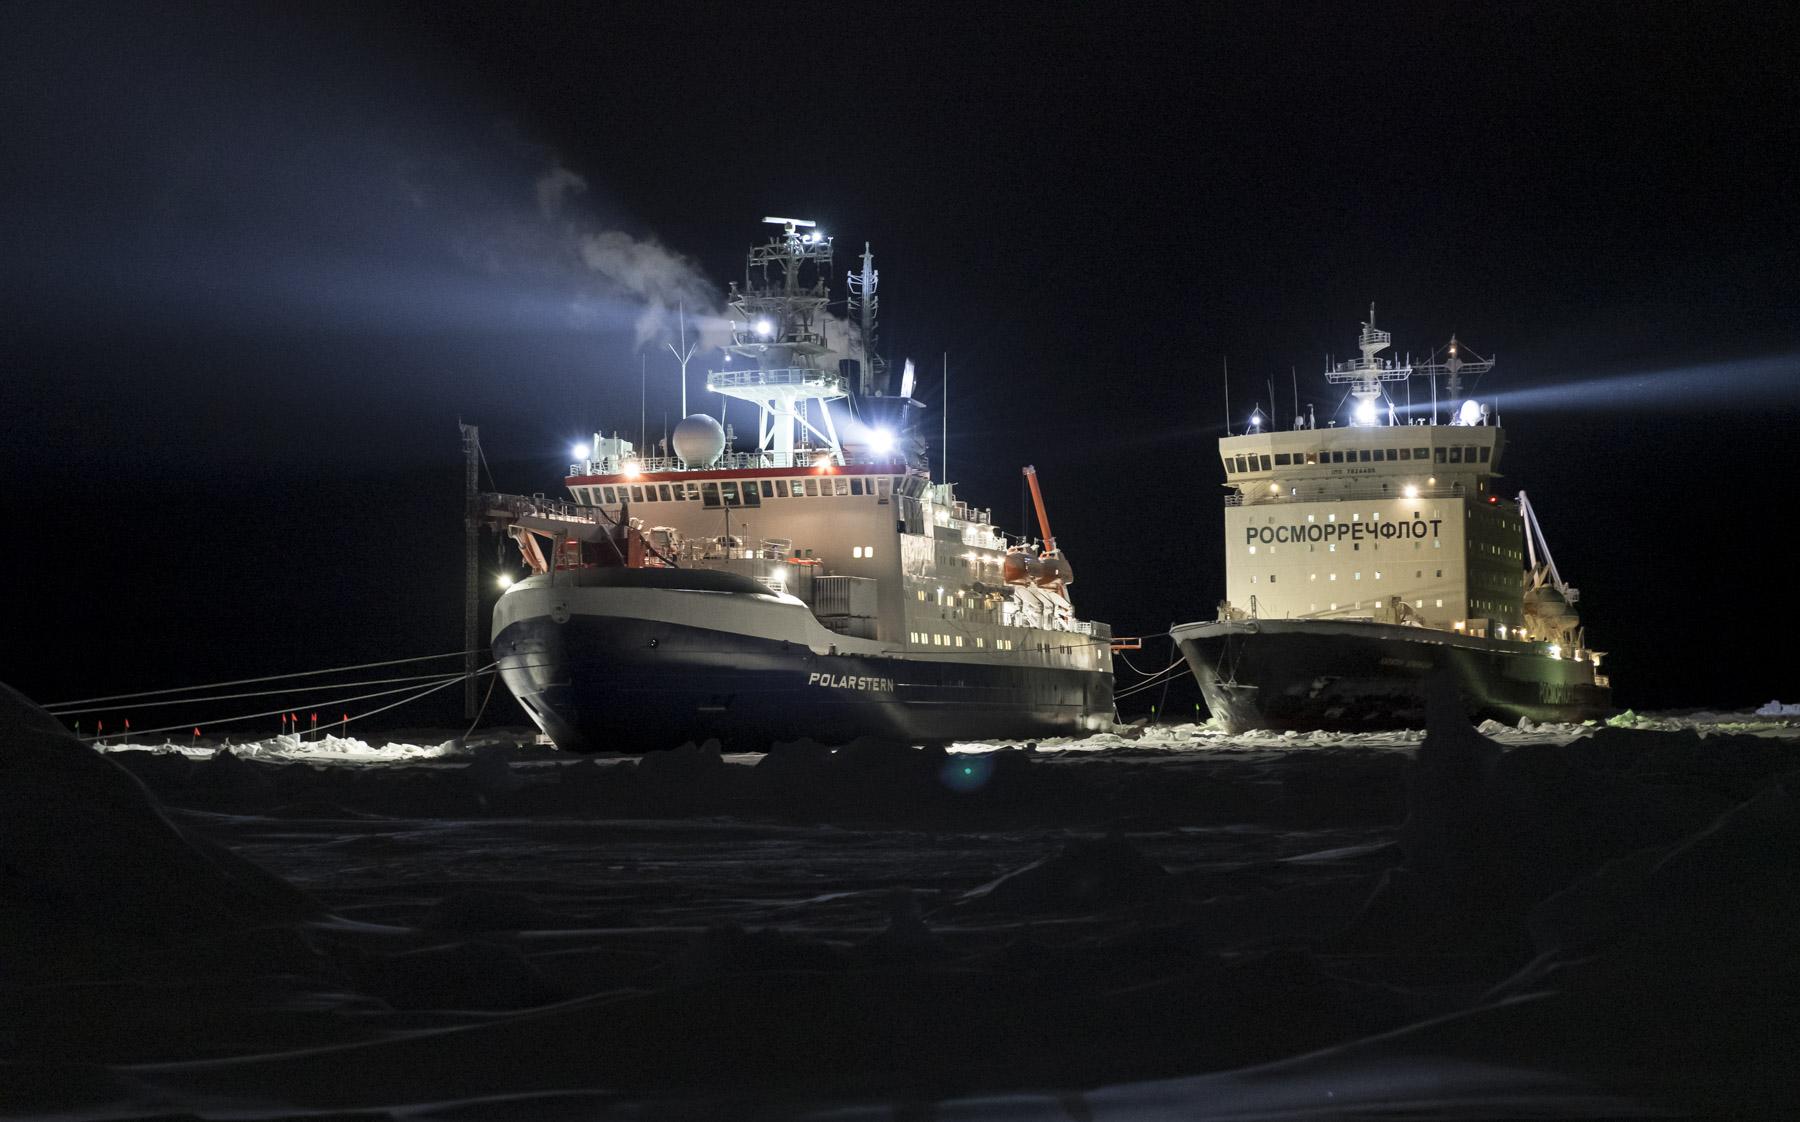 Steffen Graupner – Polarsterntagebuch Teil 2